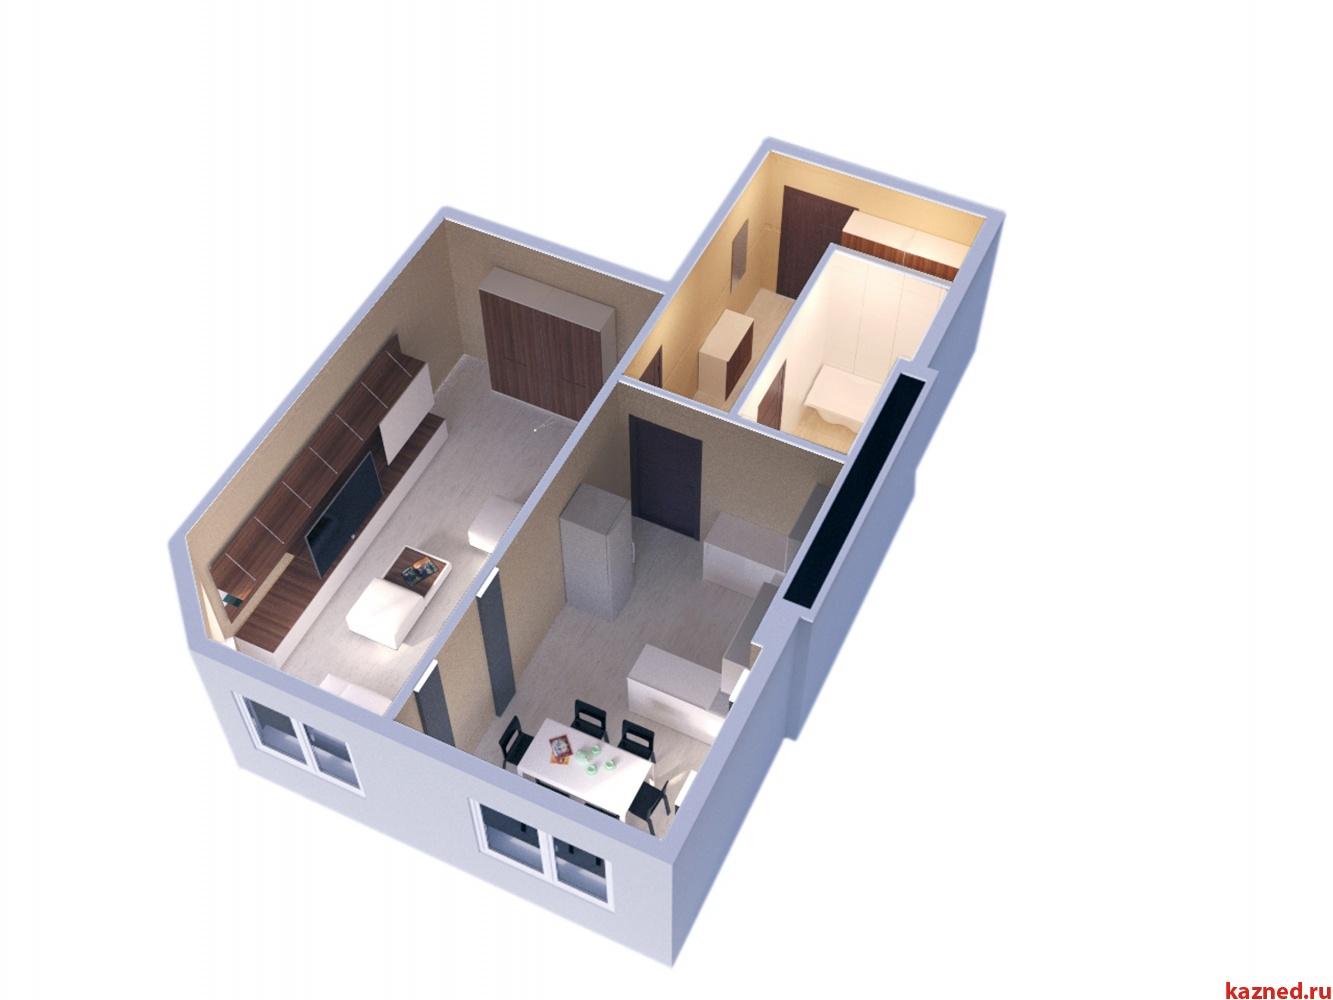 Продажа 1-к квартиры ЖК Светлый, 52 м² (миниатюра №3)